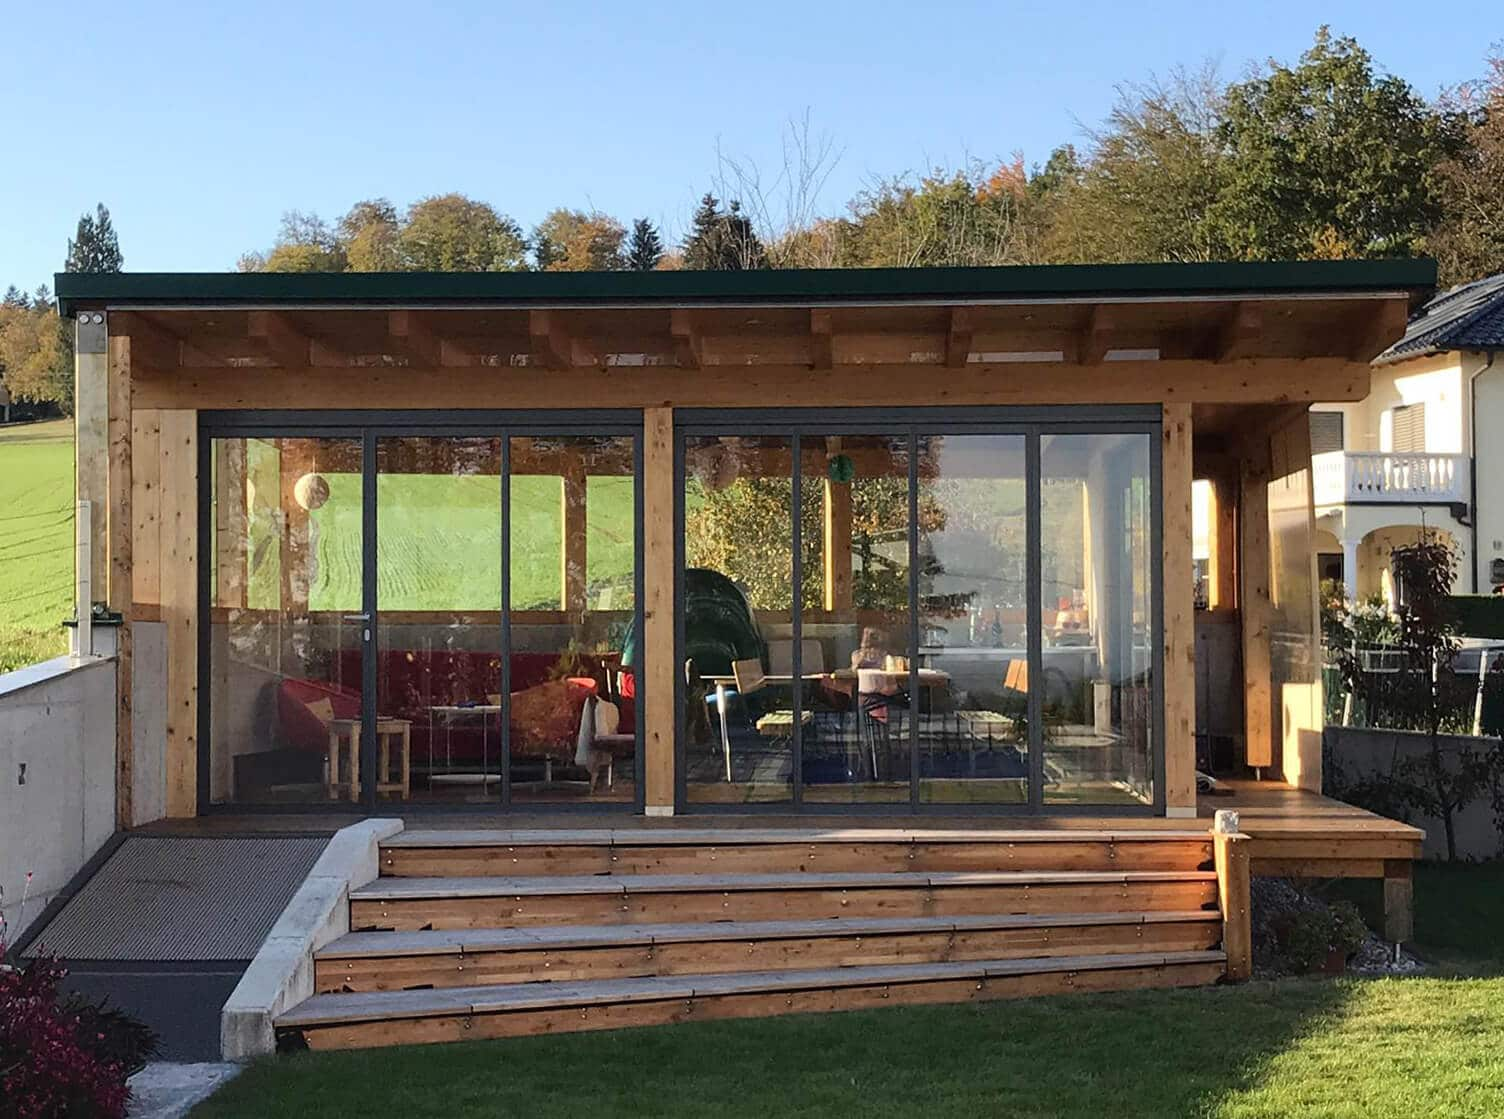 Moderner Holzbau mit Schiebe-Dreh-Systemen